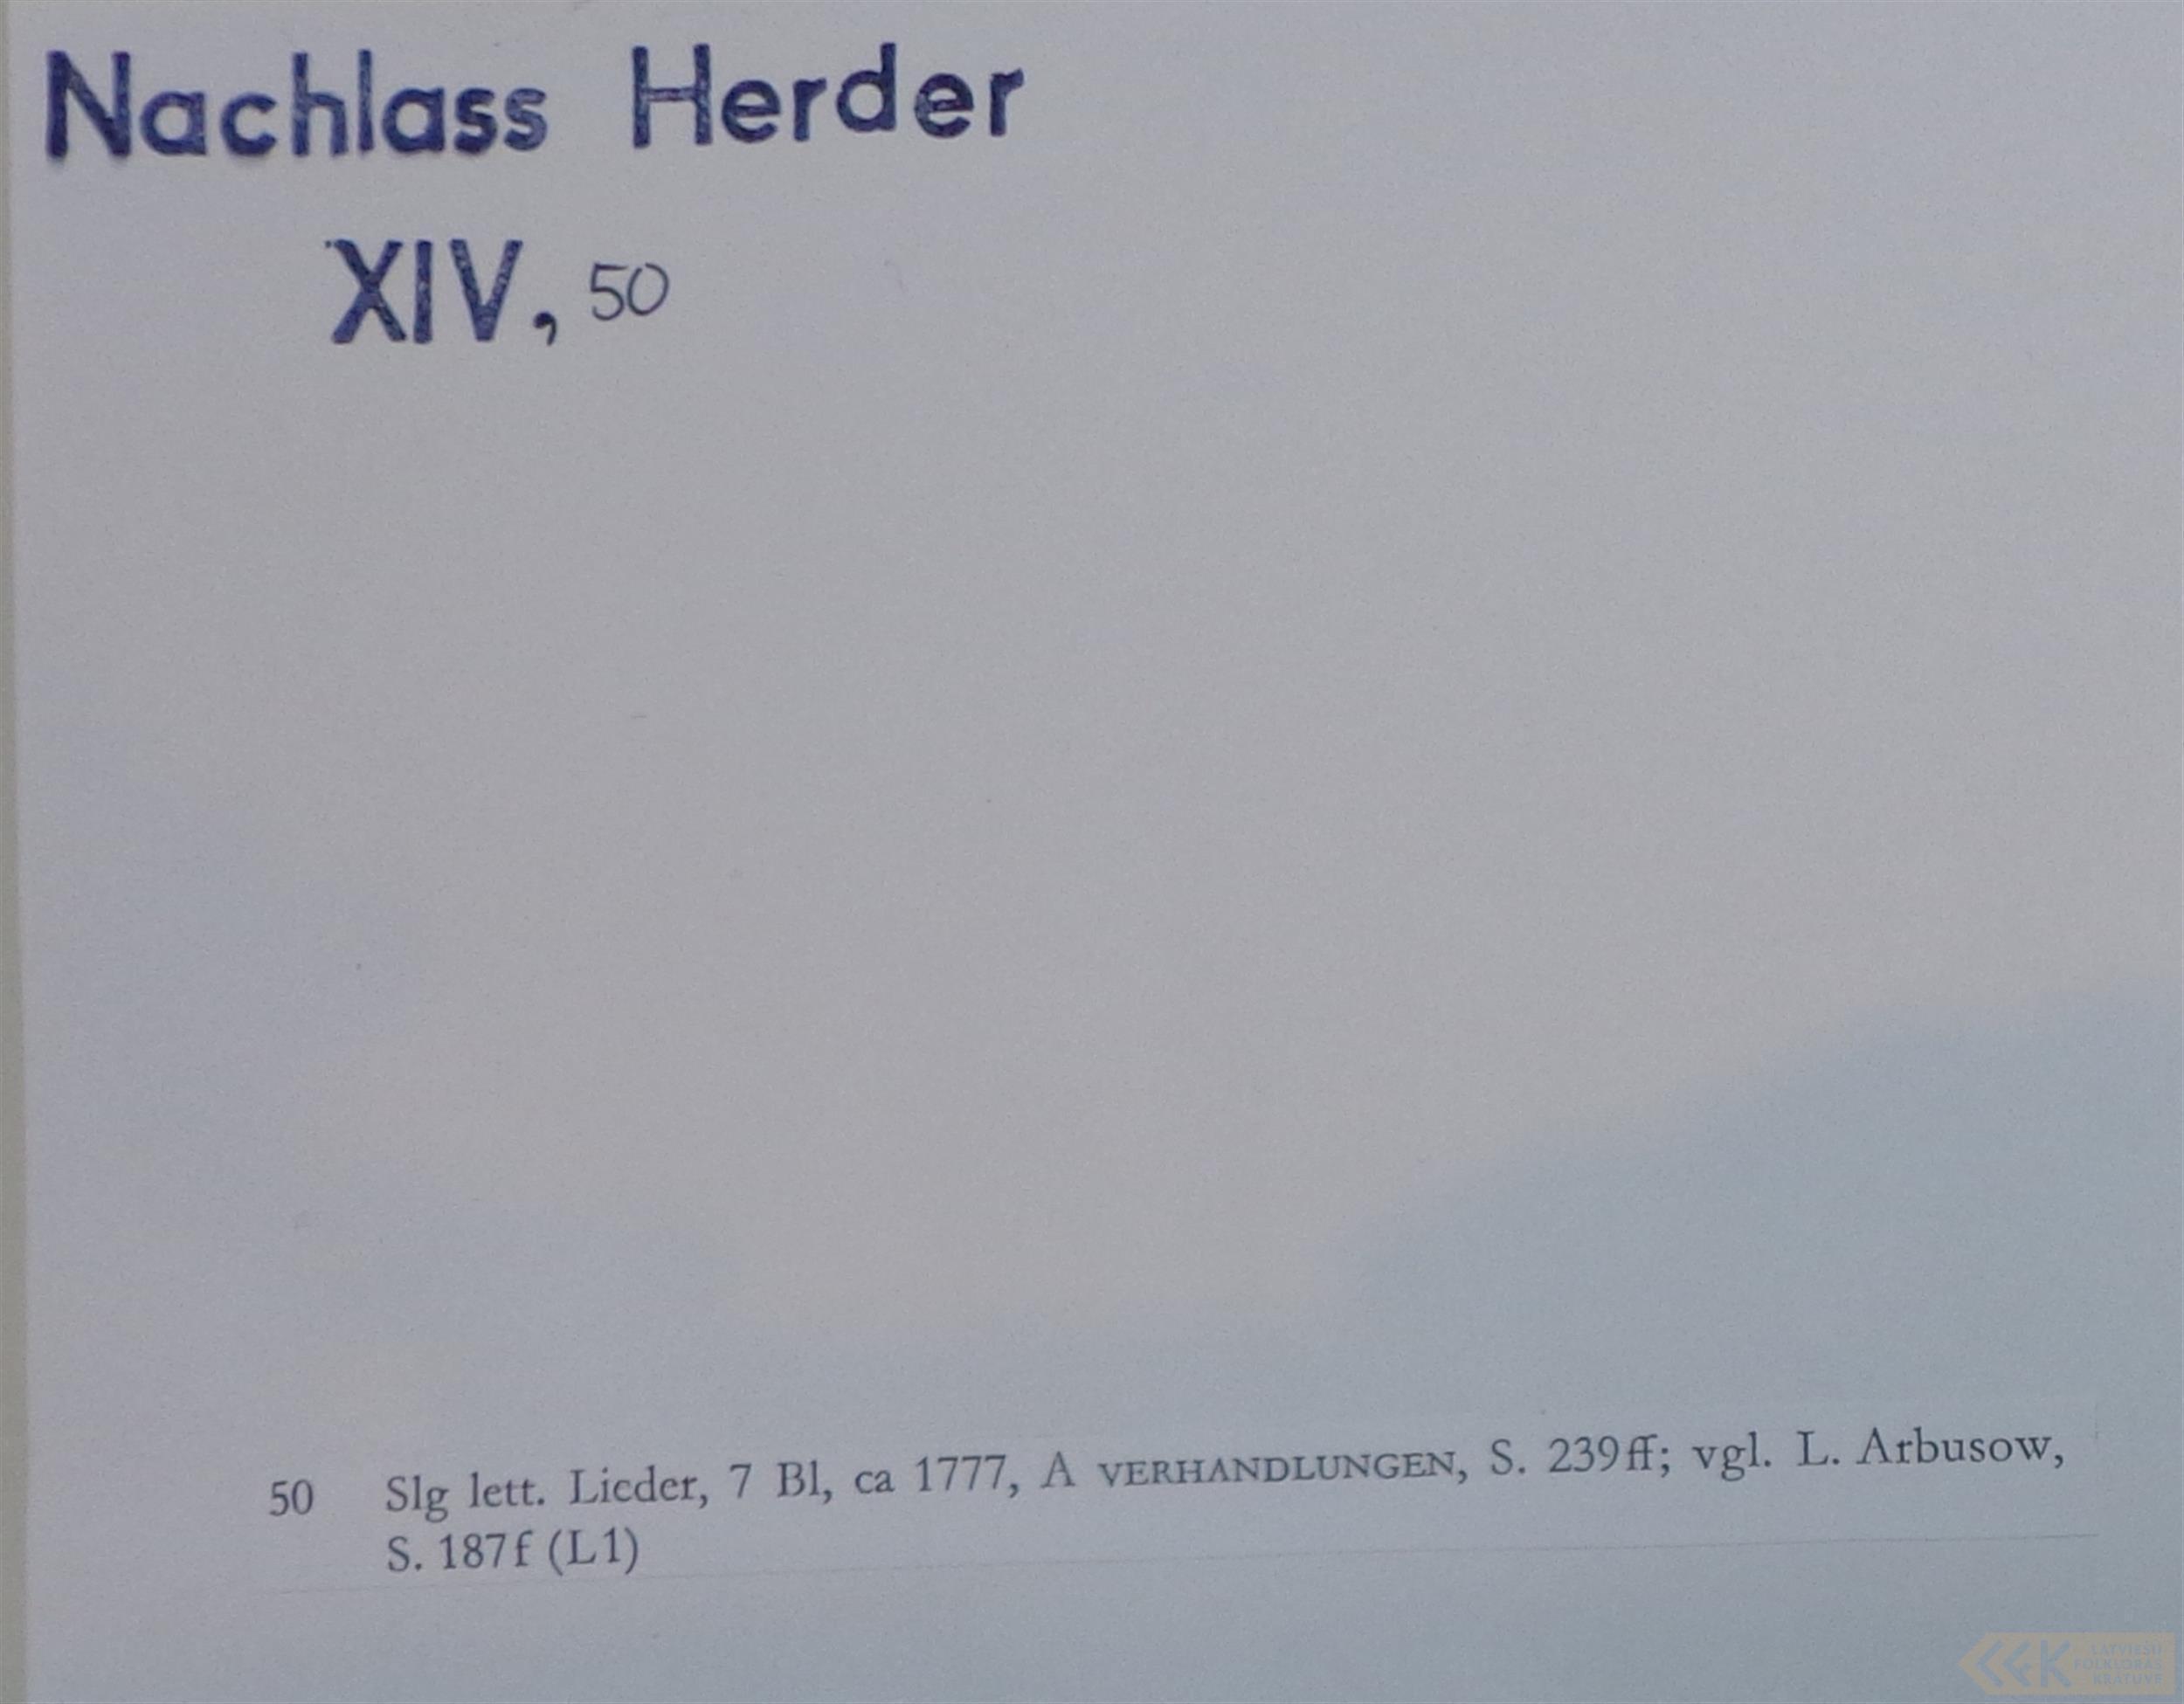 01-SBB-Herders-01